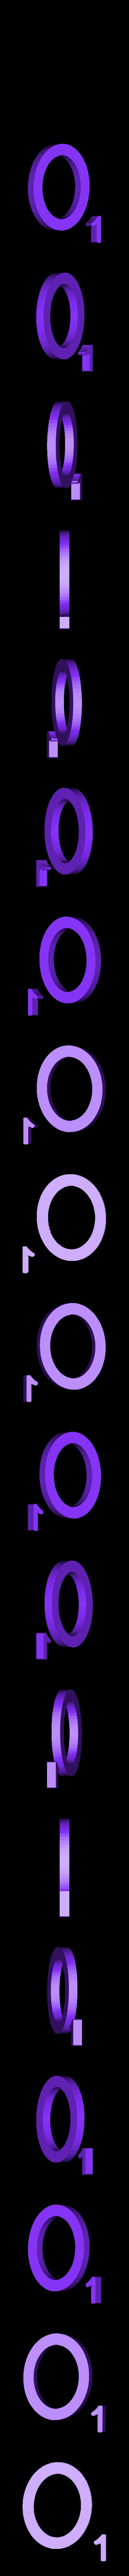 Dual_Letter_O.STL Télécharger fichier STL gratuit Pièces et support SCRABBBLE • Design pour imprimante 3D, Balkhagal4D